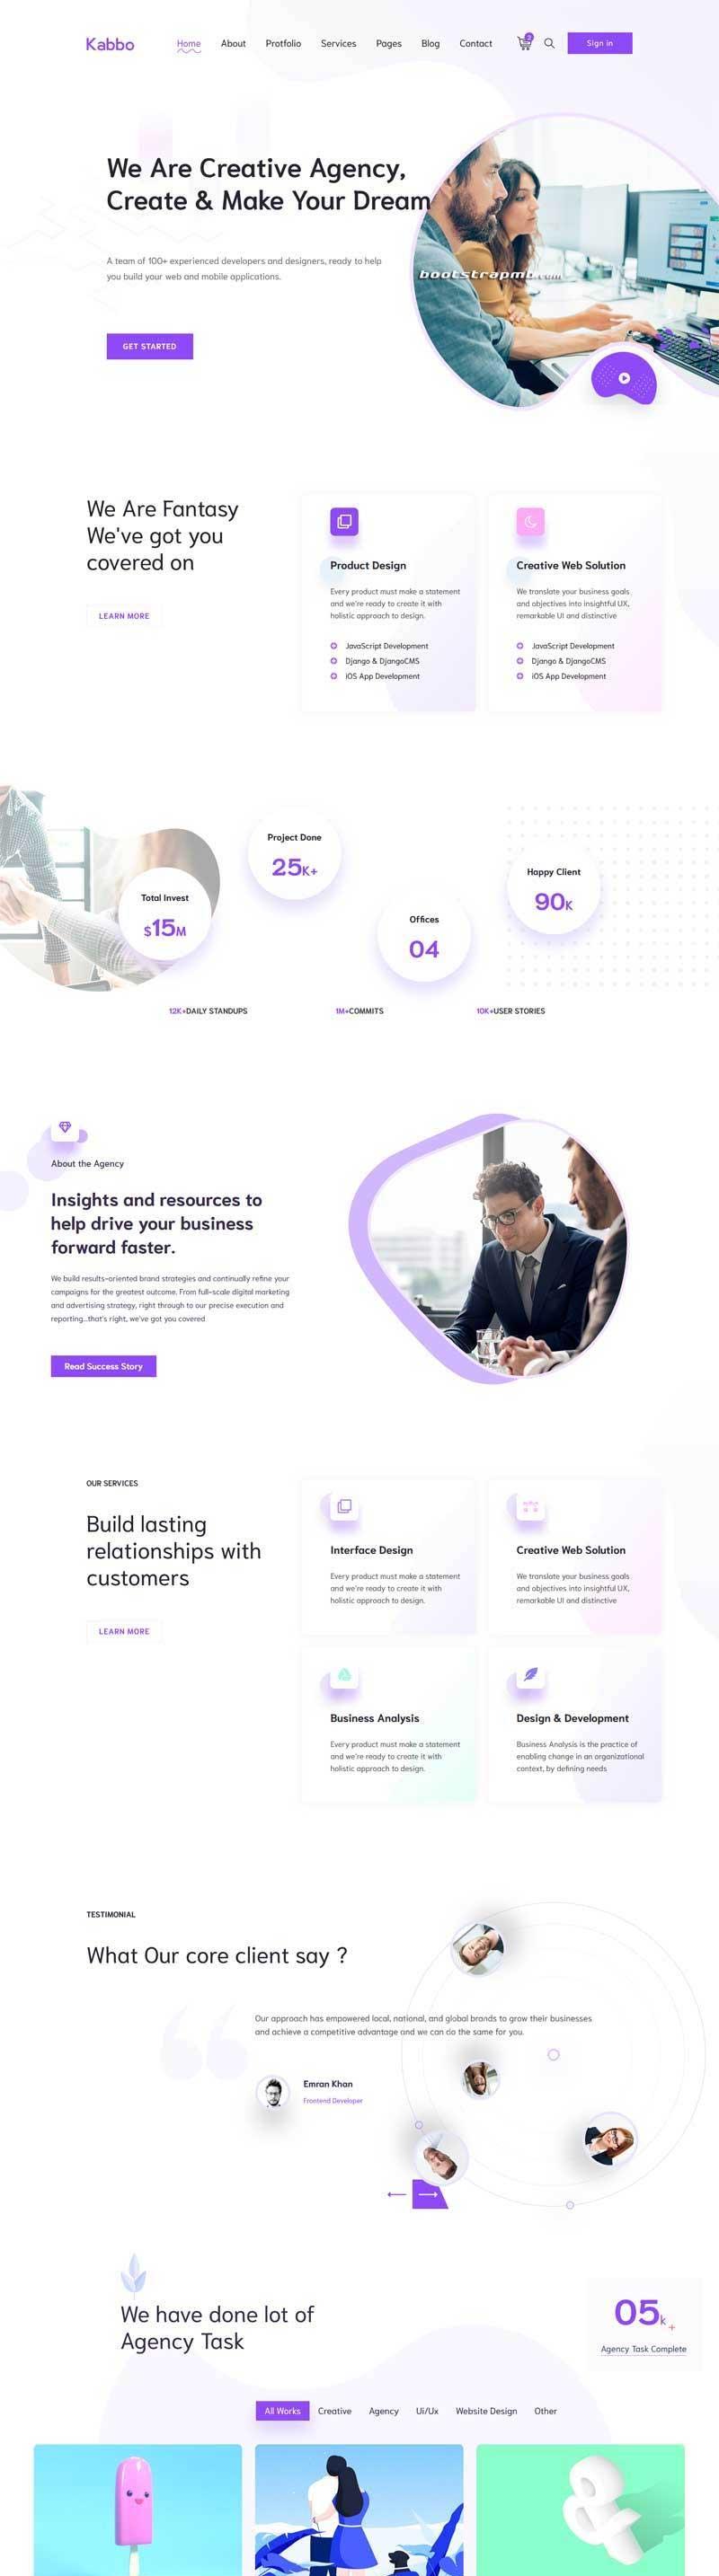 紫色精美的Bootstrap响应式创意设计公司网站模板